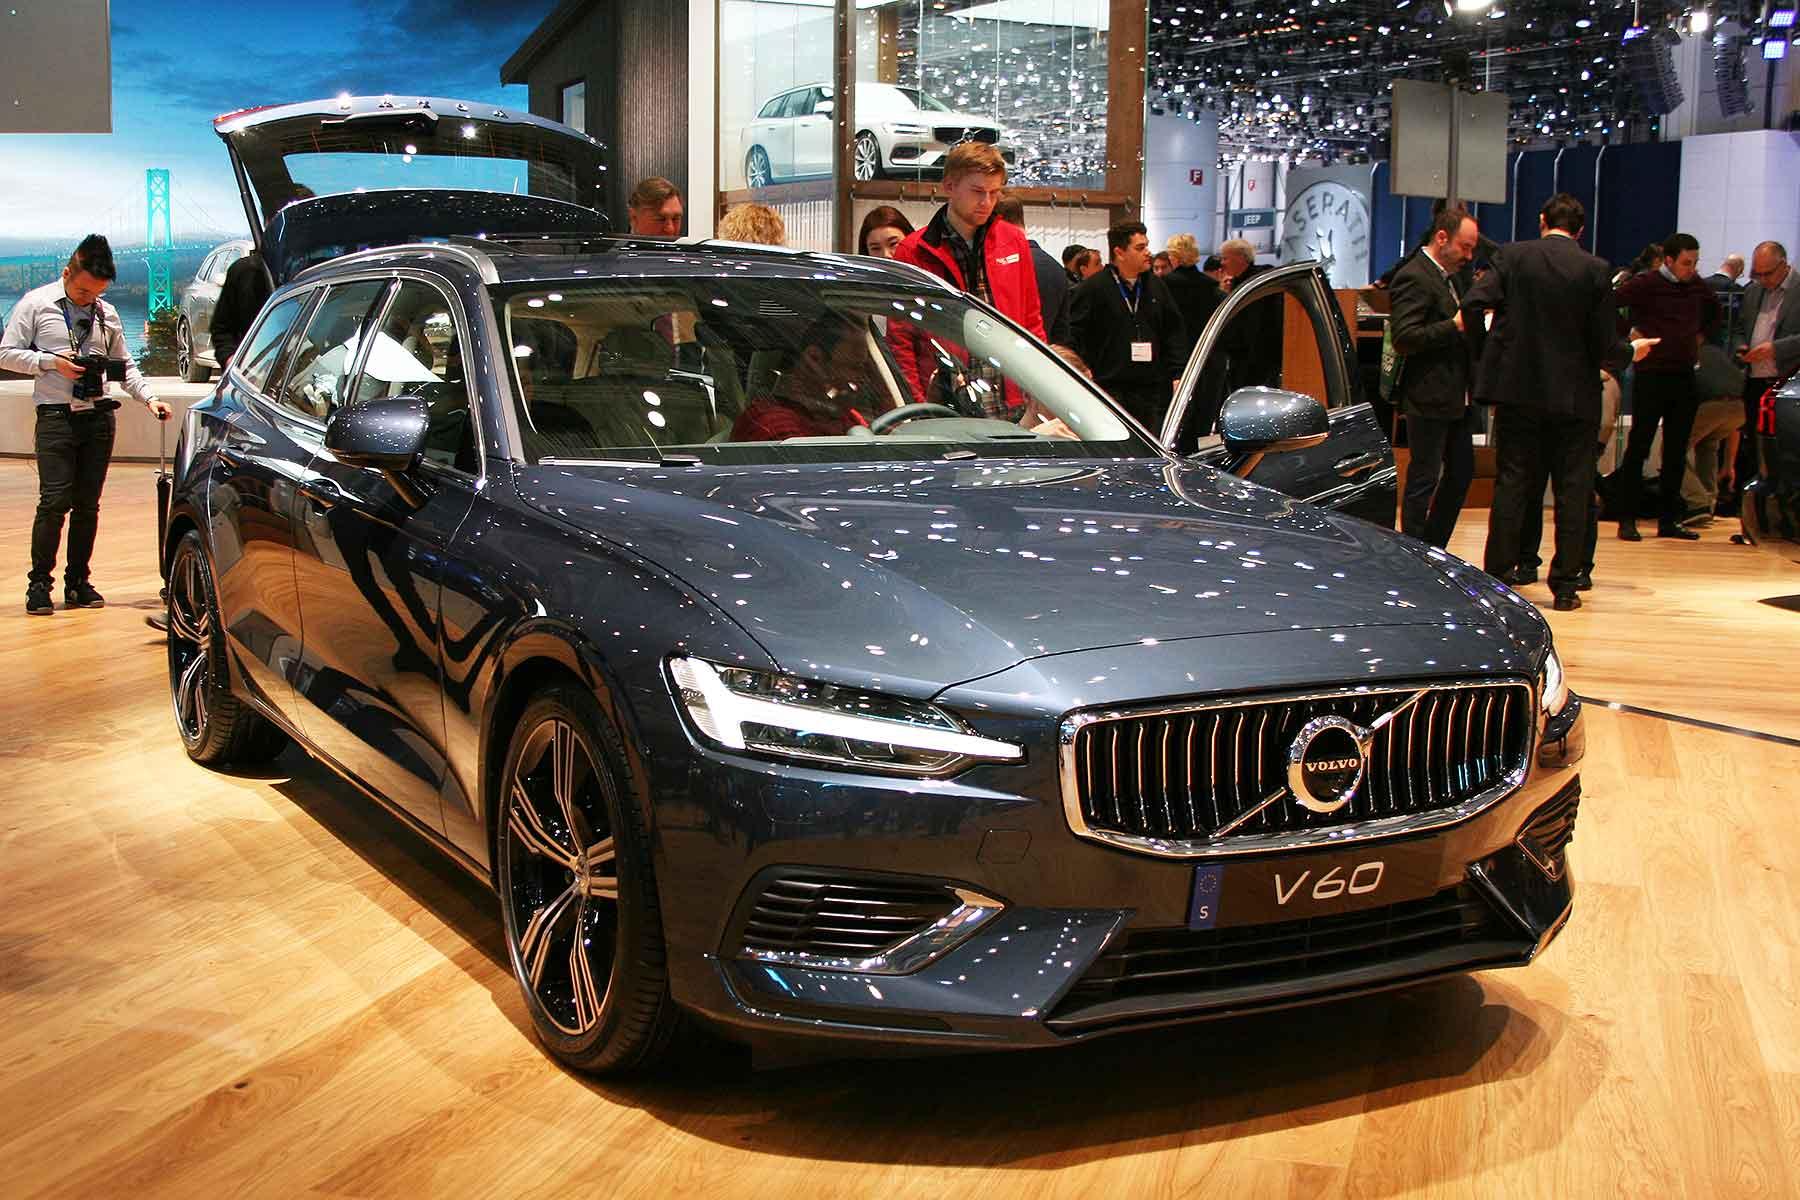 Volvo V60 at Geneva 2017